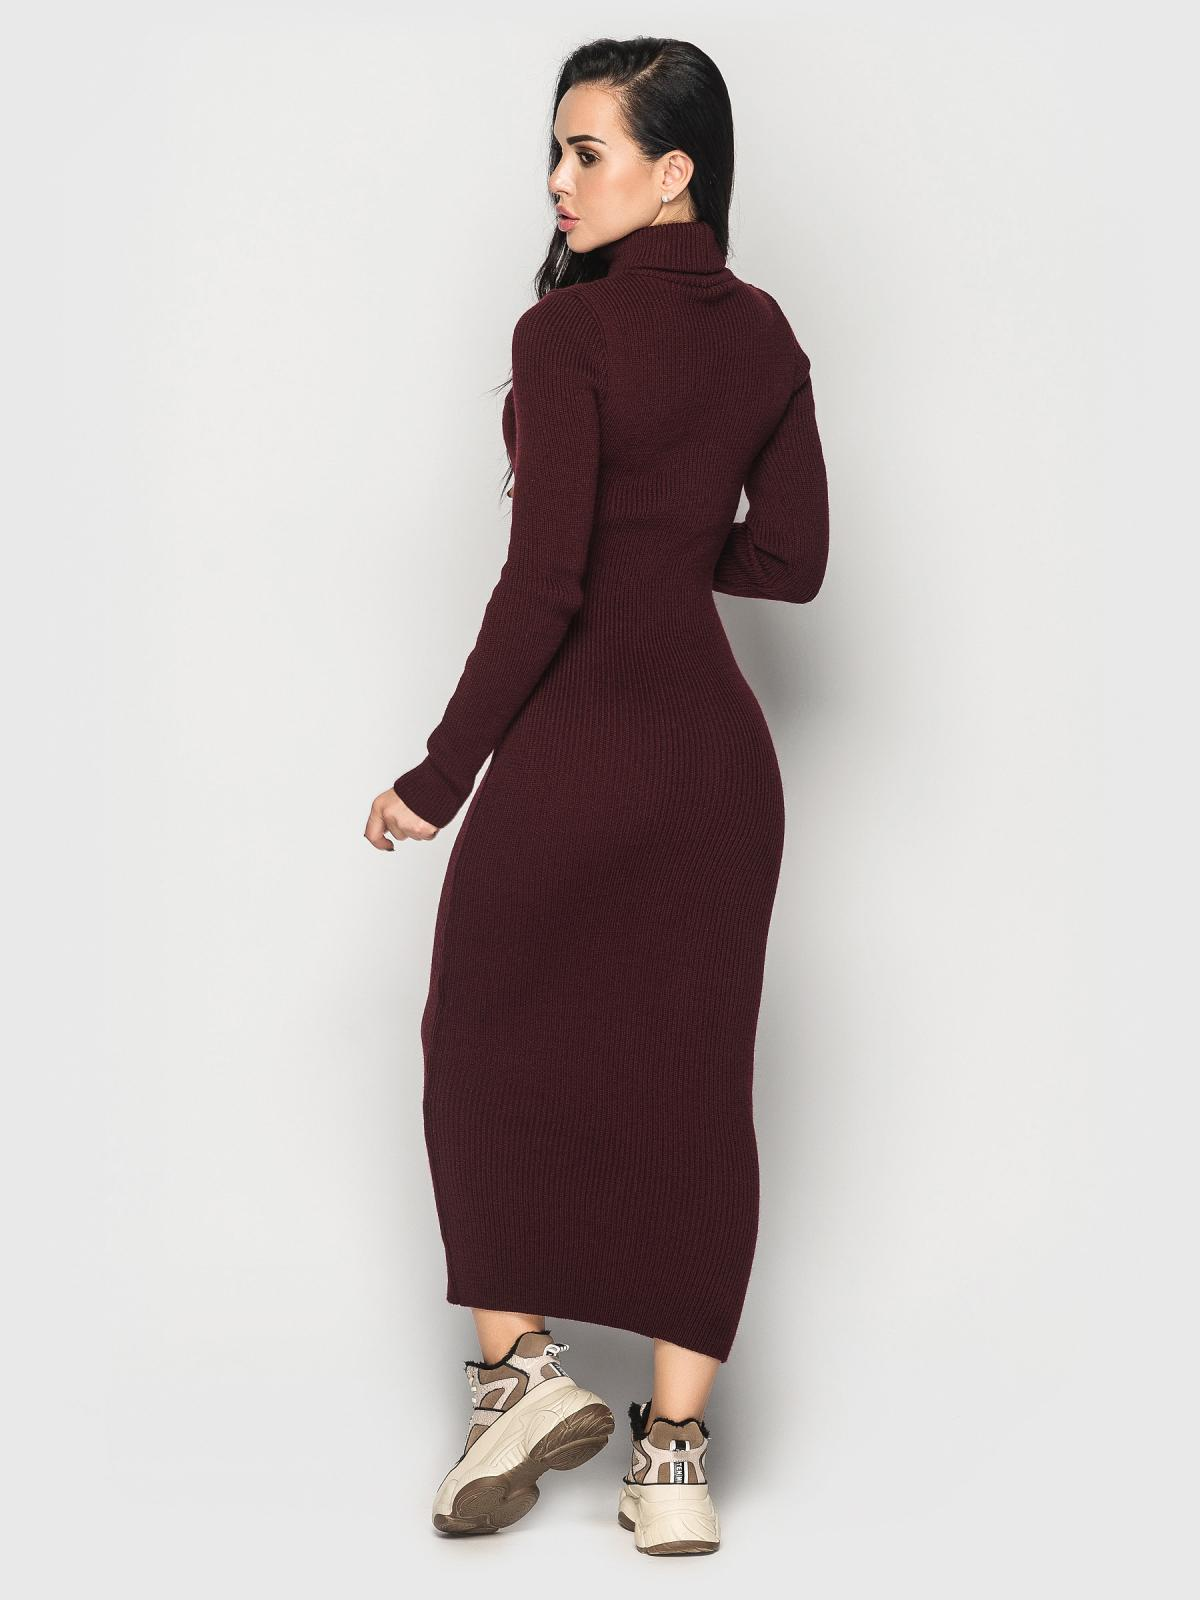 Платье вязаное Simona бордовый